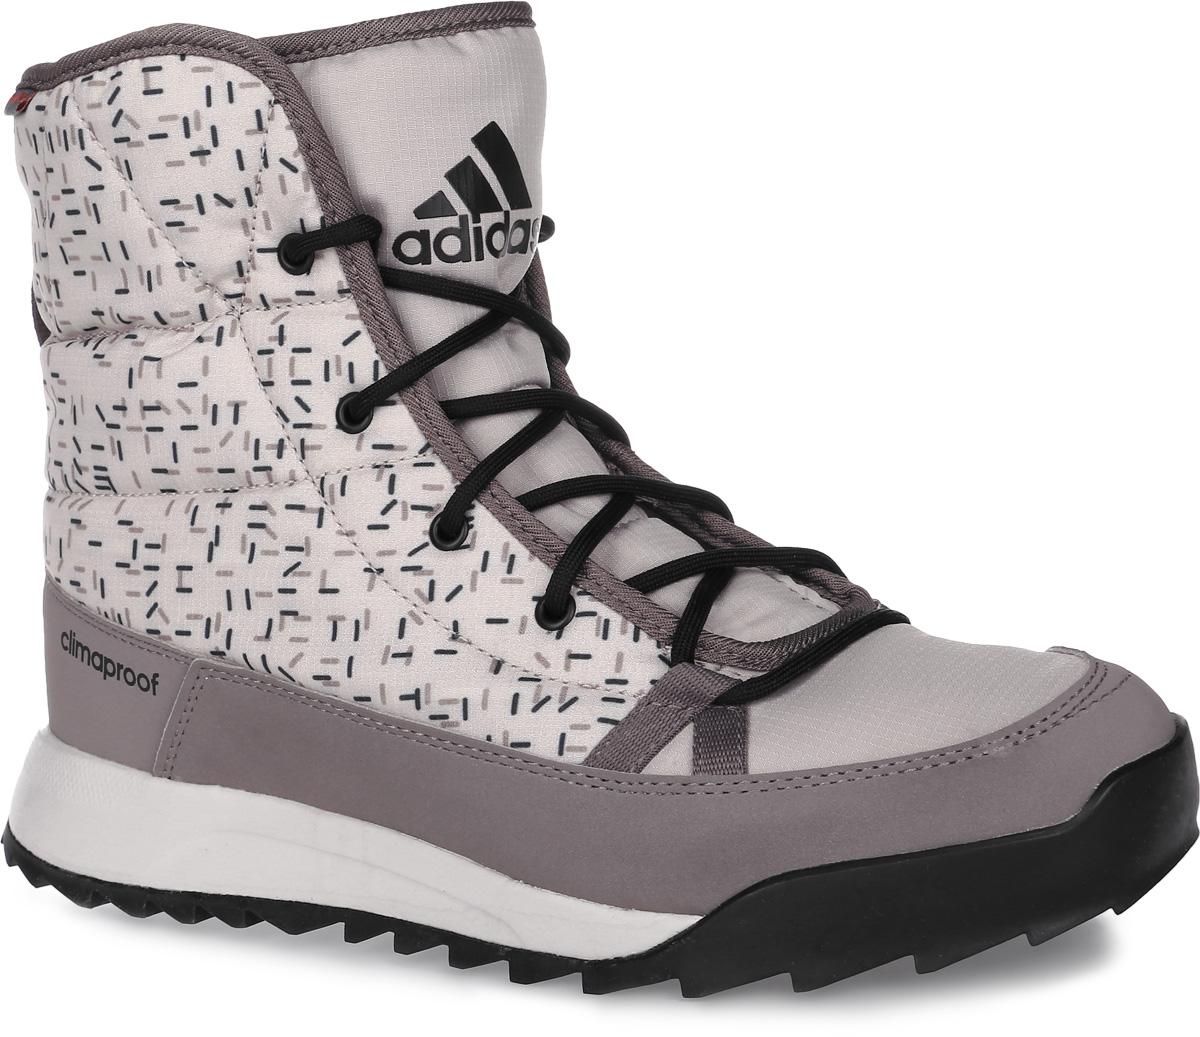 Ботинки женские adidas CW Choleah Padded C, цвет: серый. AQ2025. Размер 6 (38)AQ2025Женские туристические ботинки CW Choleah Padded C от adidas, выполненные из водонепроницаемого материала Climaproof с утеплителем PrimaLoft сохранят ваши ноги в тепле и сухости на заснеженных тропах и холодных улицах. Высокотехнологичный синтетический наполнитель PrimaLoft продолжает греть даже во влажном состоянии. Текстильный верх с геометрическим принтом и дизайн адаптирован под особенности женской стопы. Модель дополнена вставками из синтетических материалов для износостойкости.Резиновая подошва Traxion с глубоким протектором для оптимального сцепления сохраняет свои свойства в течение долгого времени.